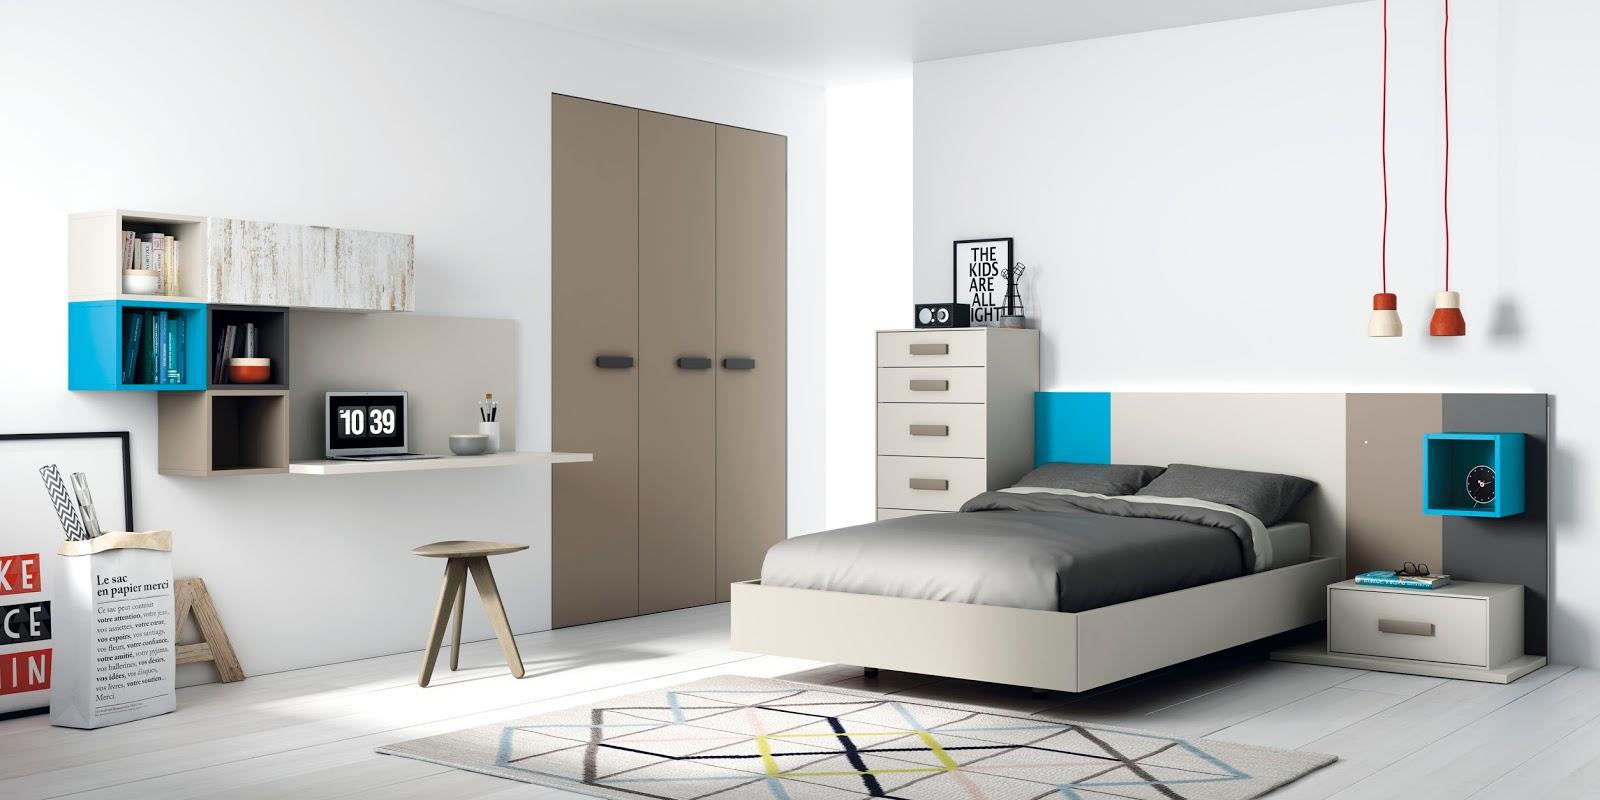 Dormitorios Juveniles Habitaciones Infantiles Y Mueble Juvenil  # Muebles Tegarmobel